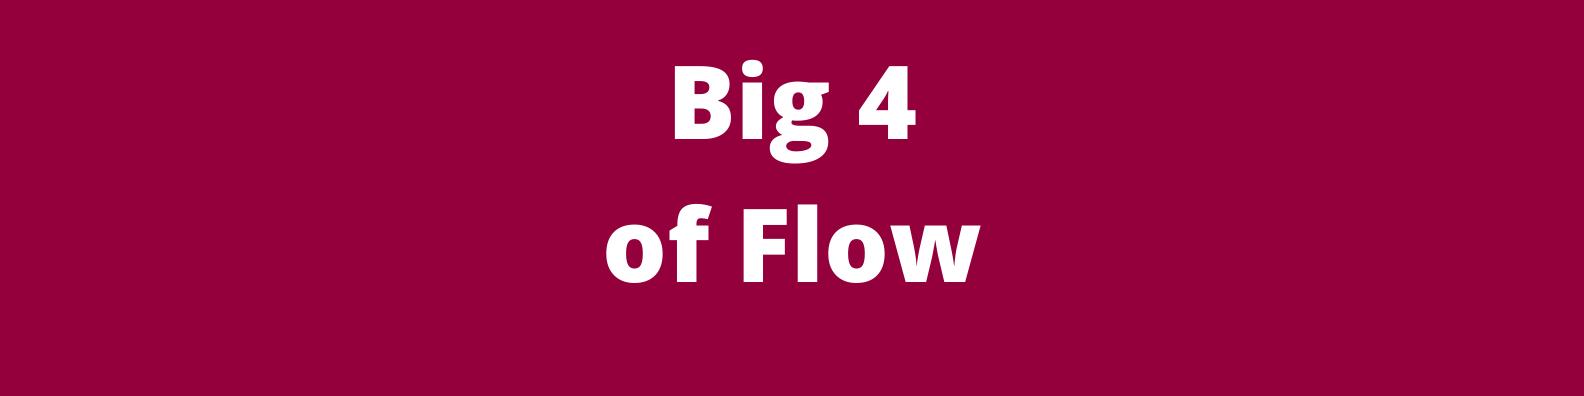 Big 4 of Flow